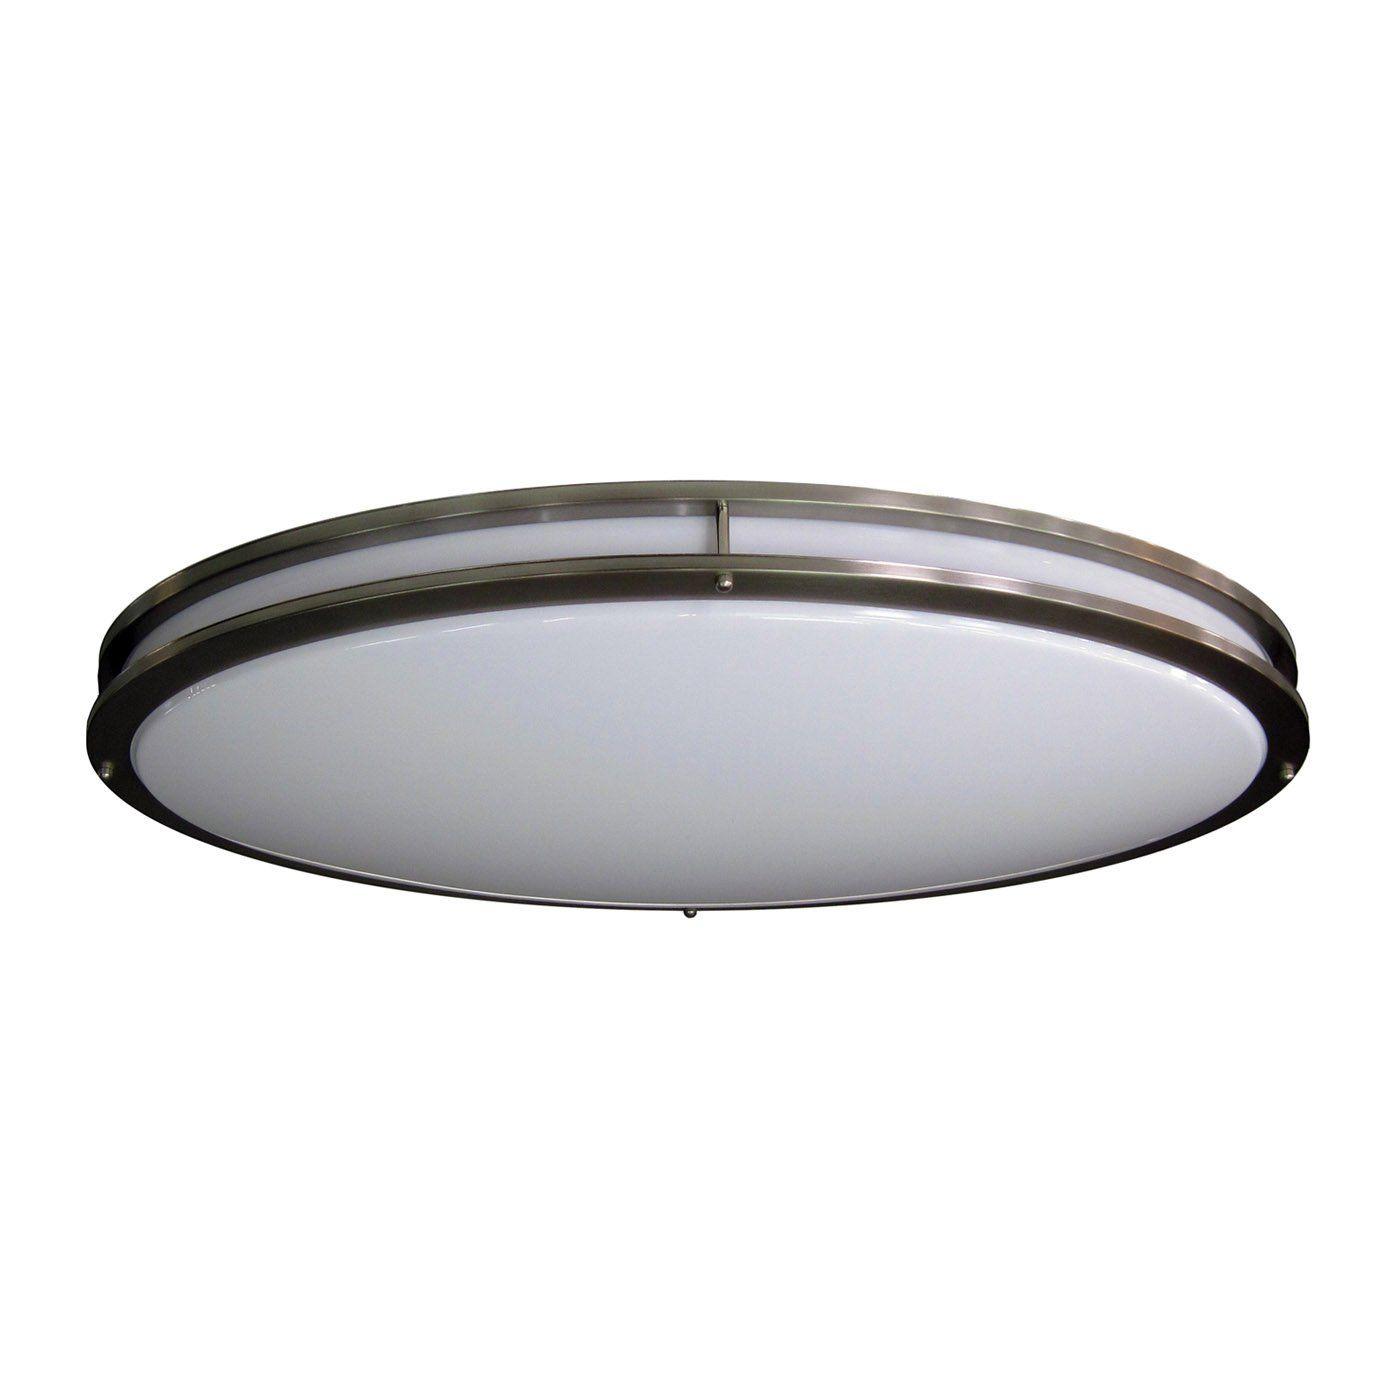 Lighting Utilitech Pro Led Light Intertek Led Lighting Lowes Led Track Lighti In 2020 Light Fixtures Flush Mount Kitchen Ceiling Lights Led Ceiling Light Fixtures